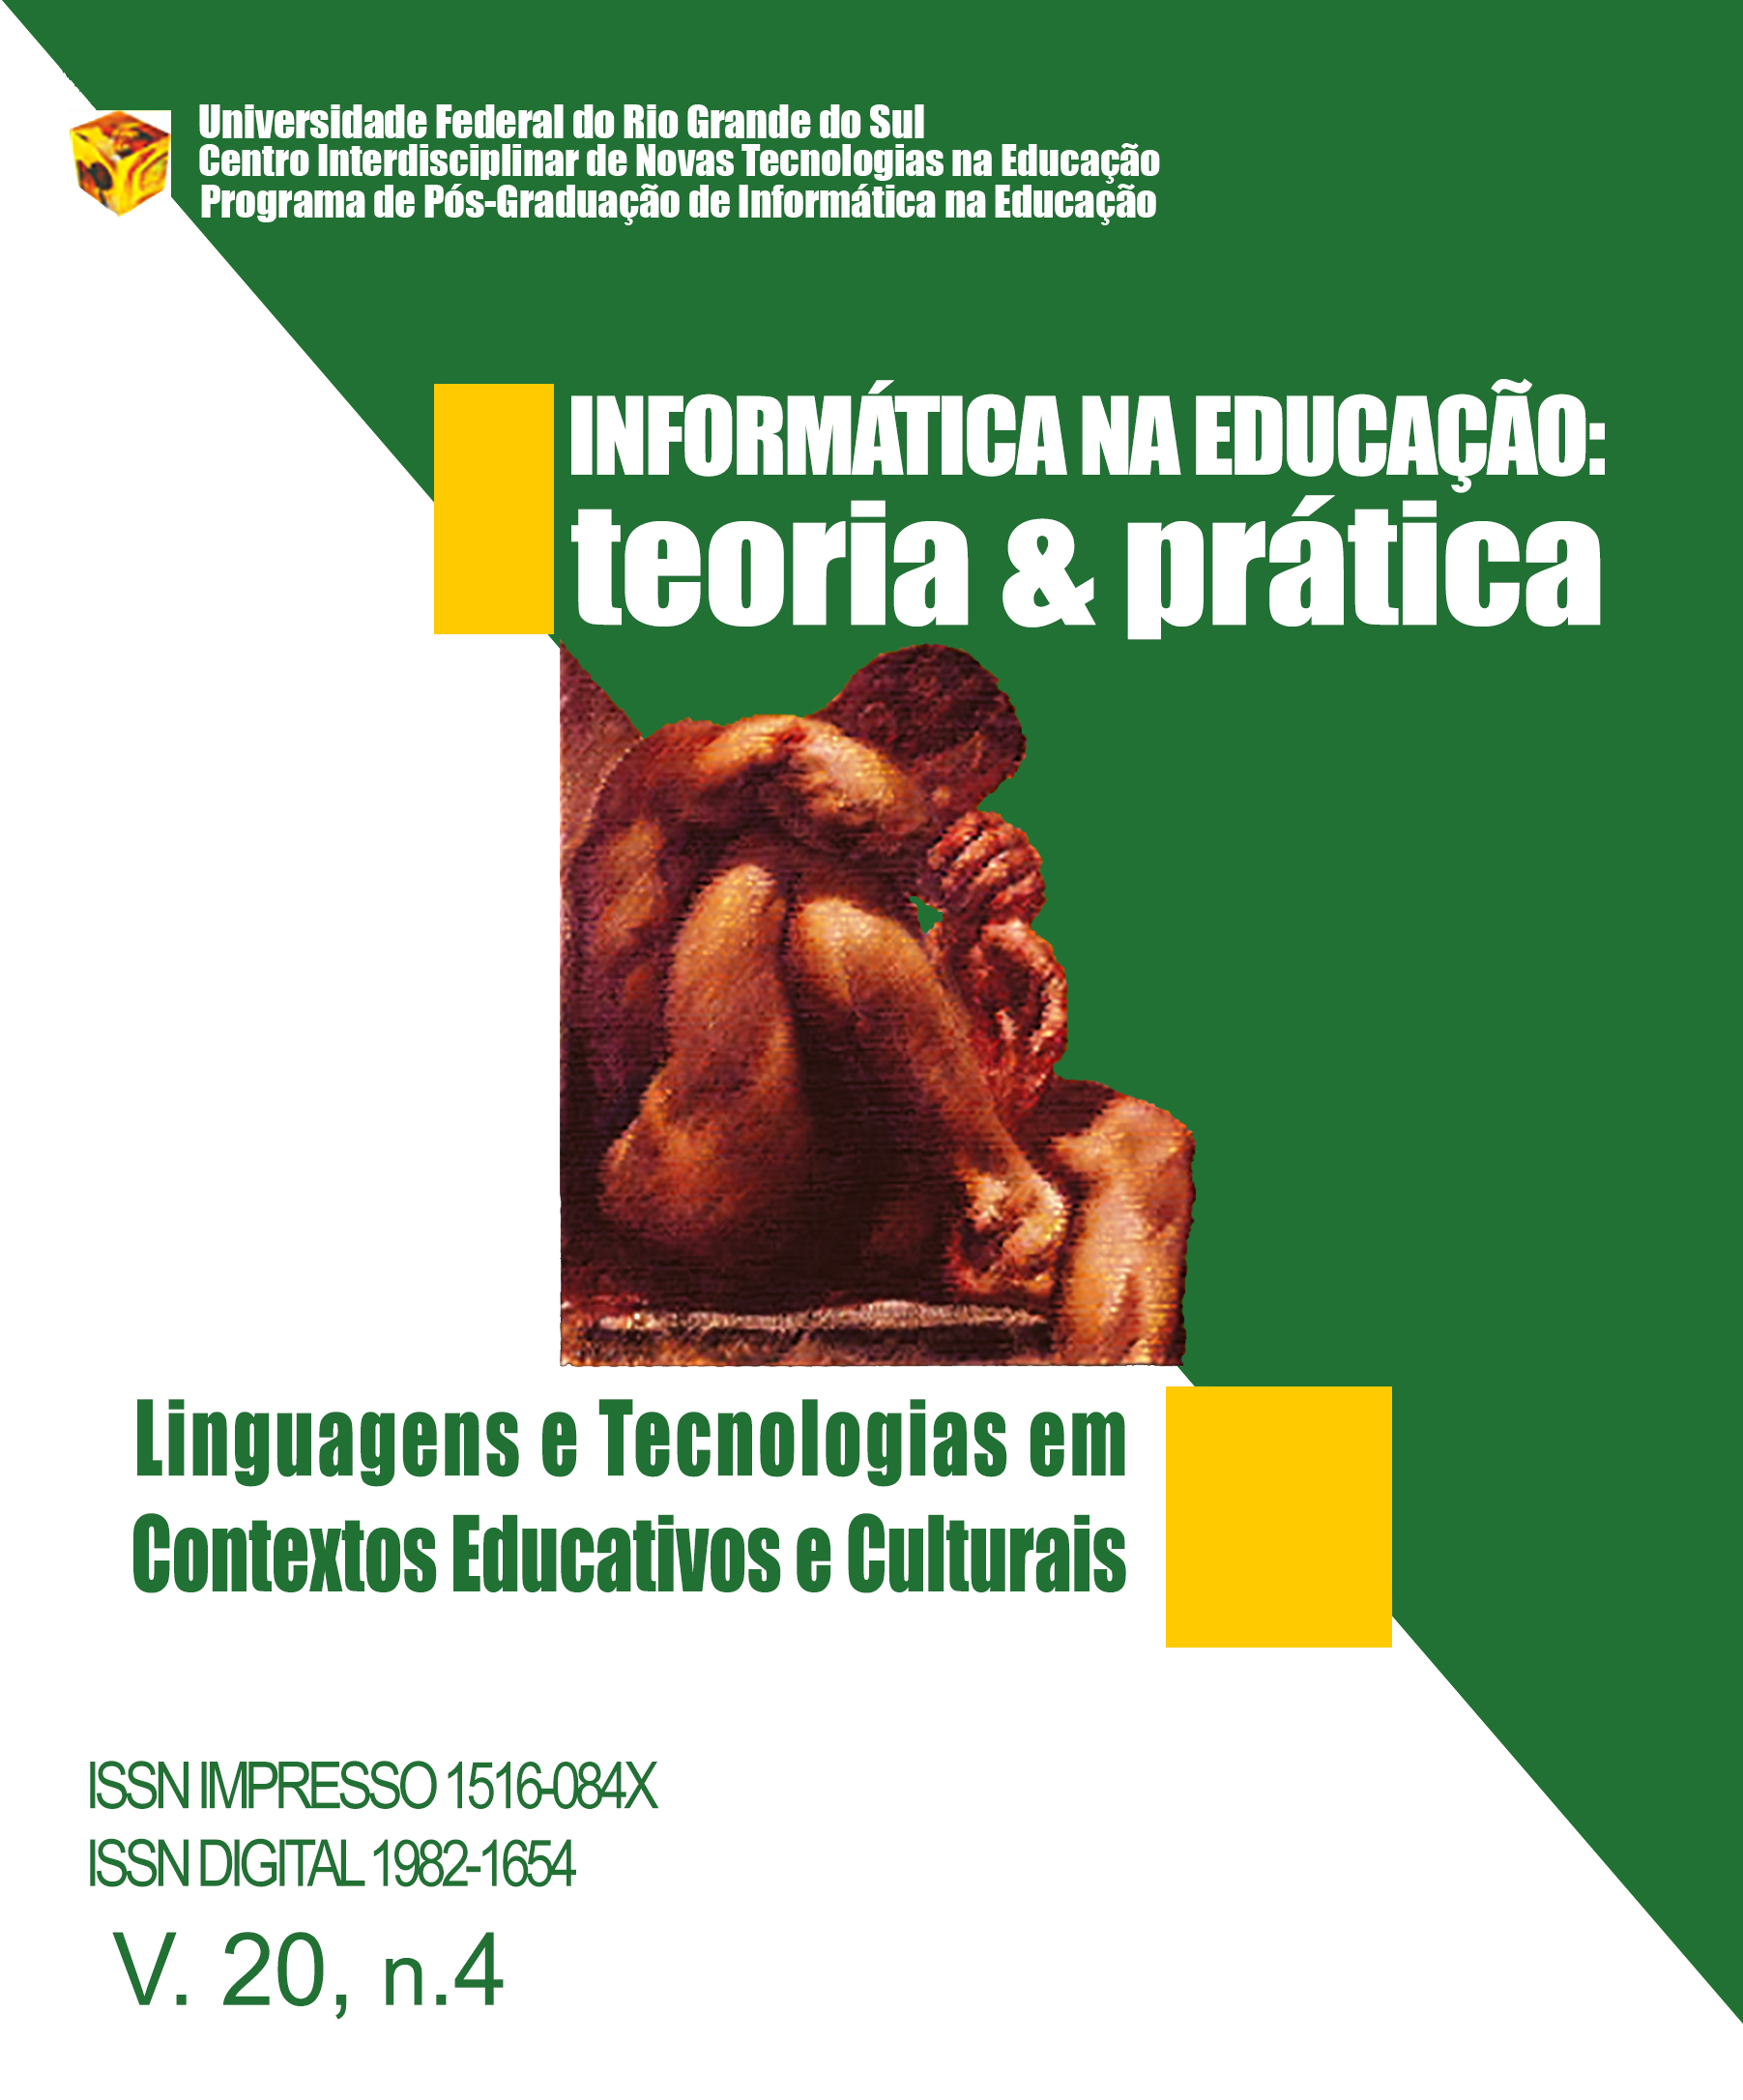 LINGUAGENS E TECNOLOGIAS EM CONTEXTOS EDUCATIVOS E CULTURAIS